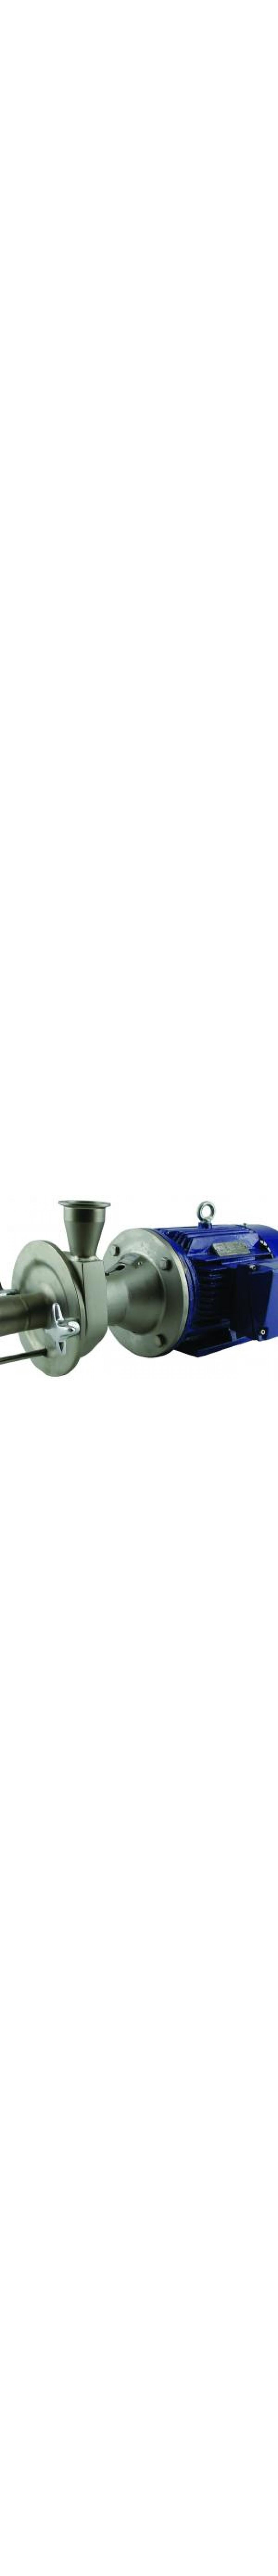 Fristam centrifugal Pumps